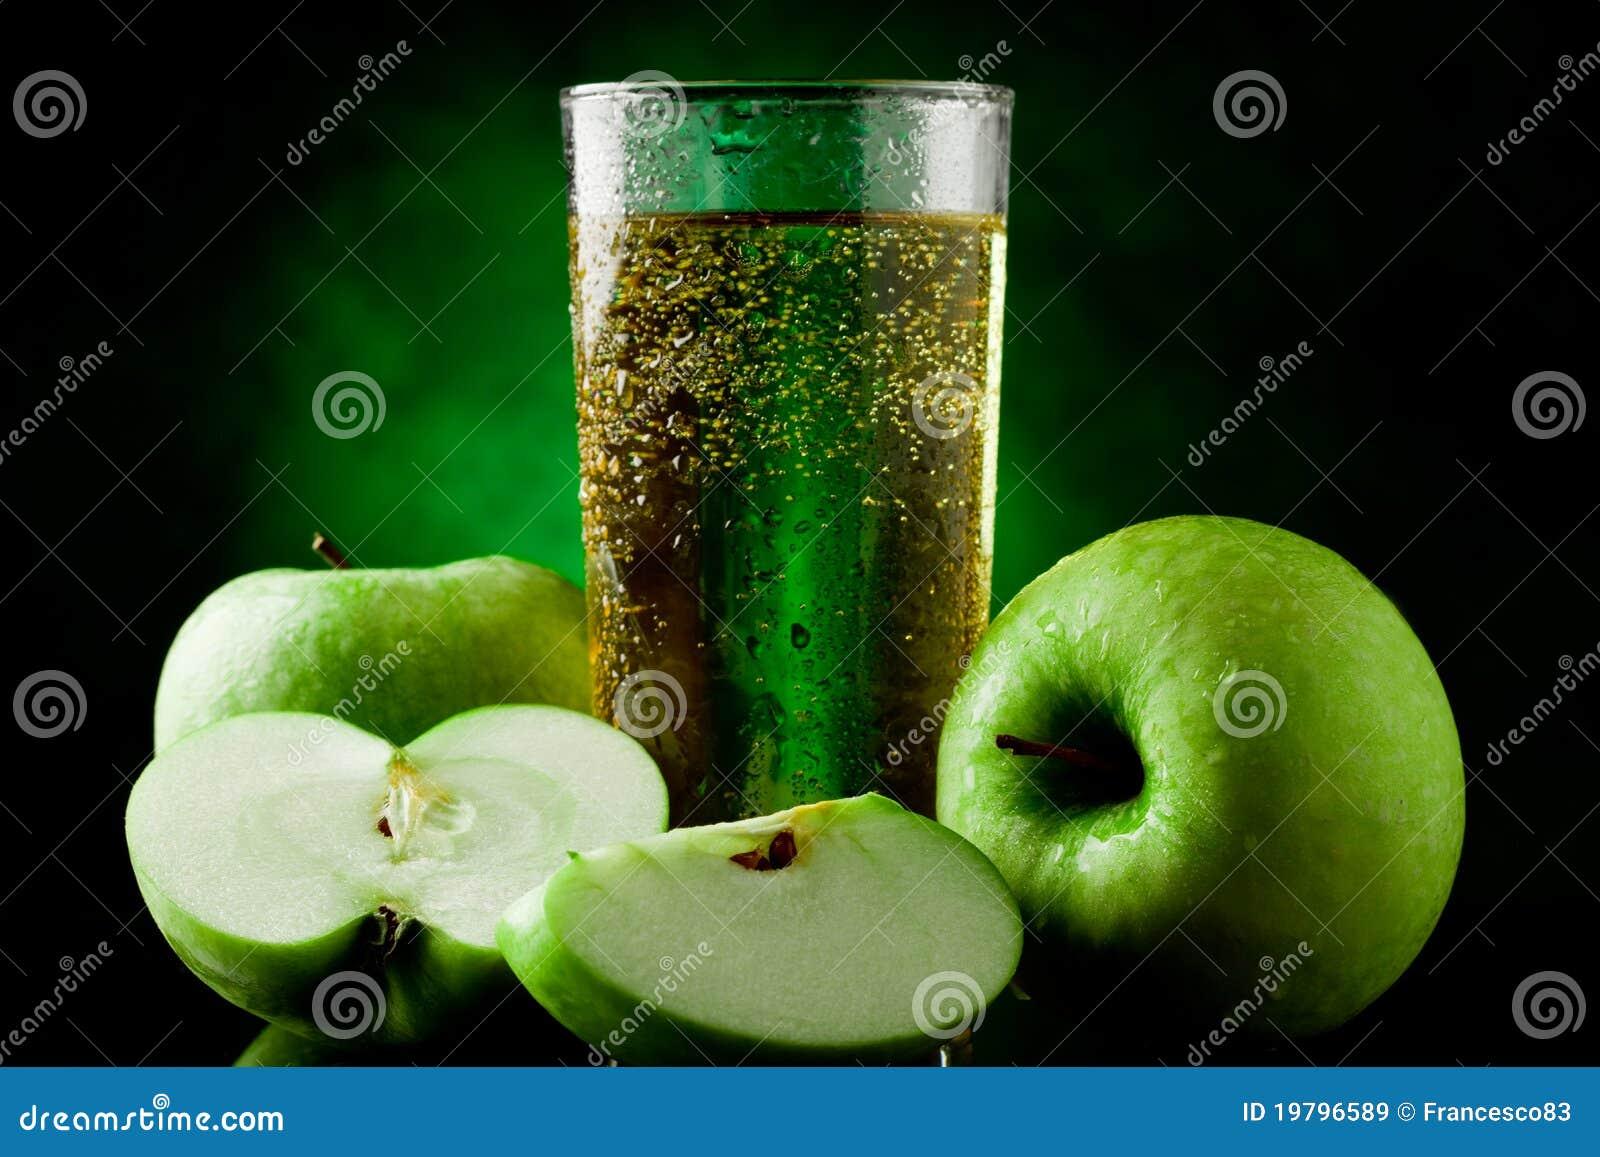 äpple - grön fruktsaft